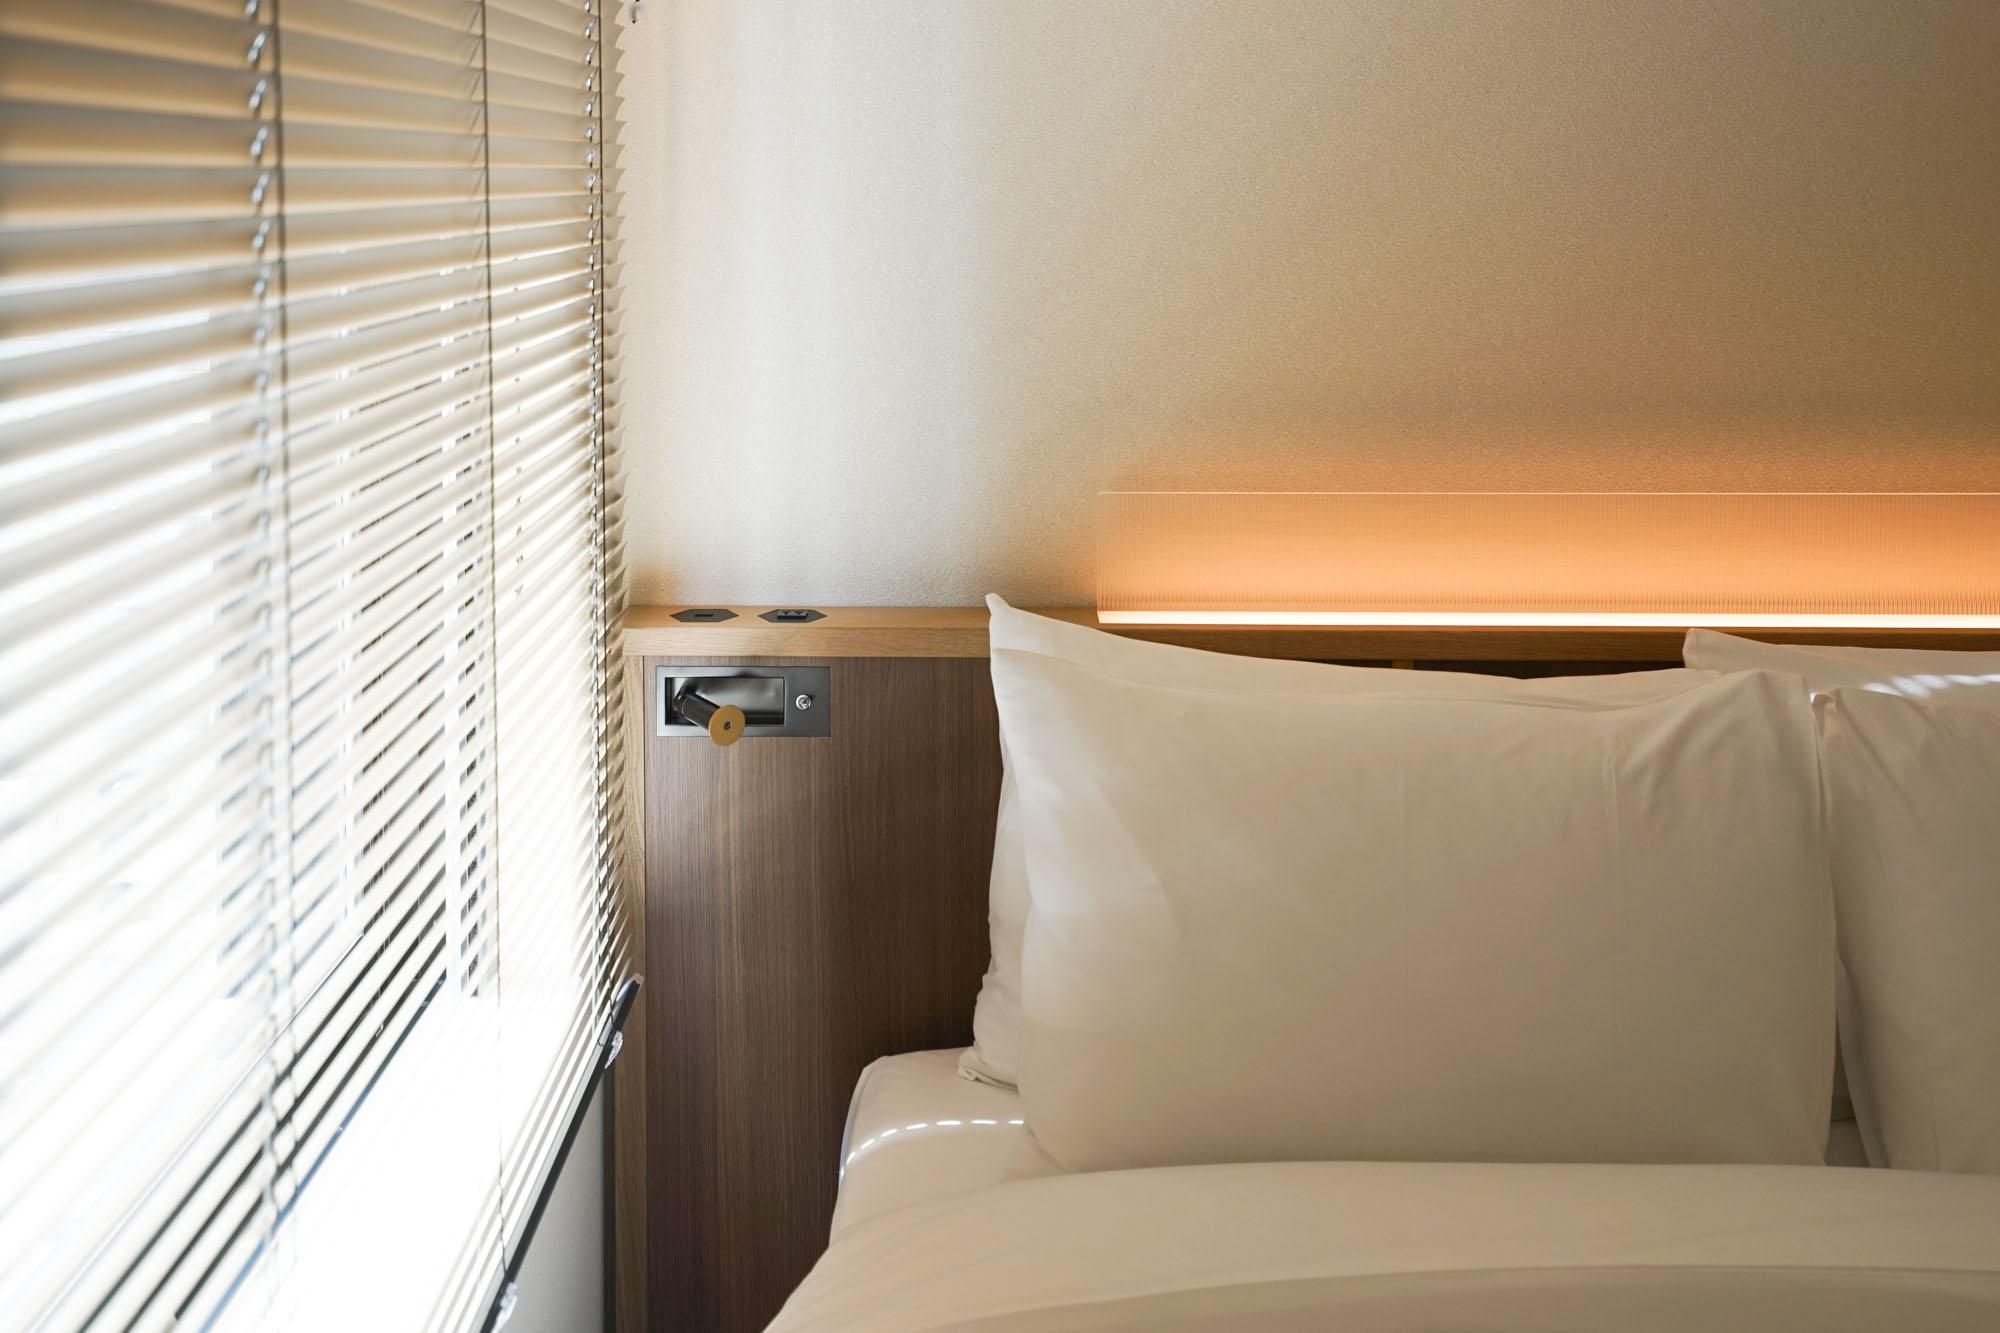 ベッドの反対サイドにも、コンセント、そして読書灯が設置されています。